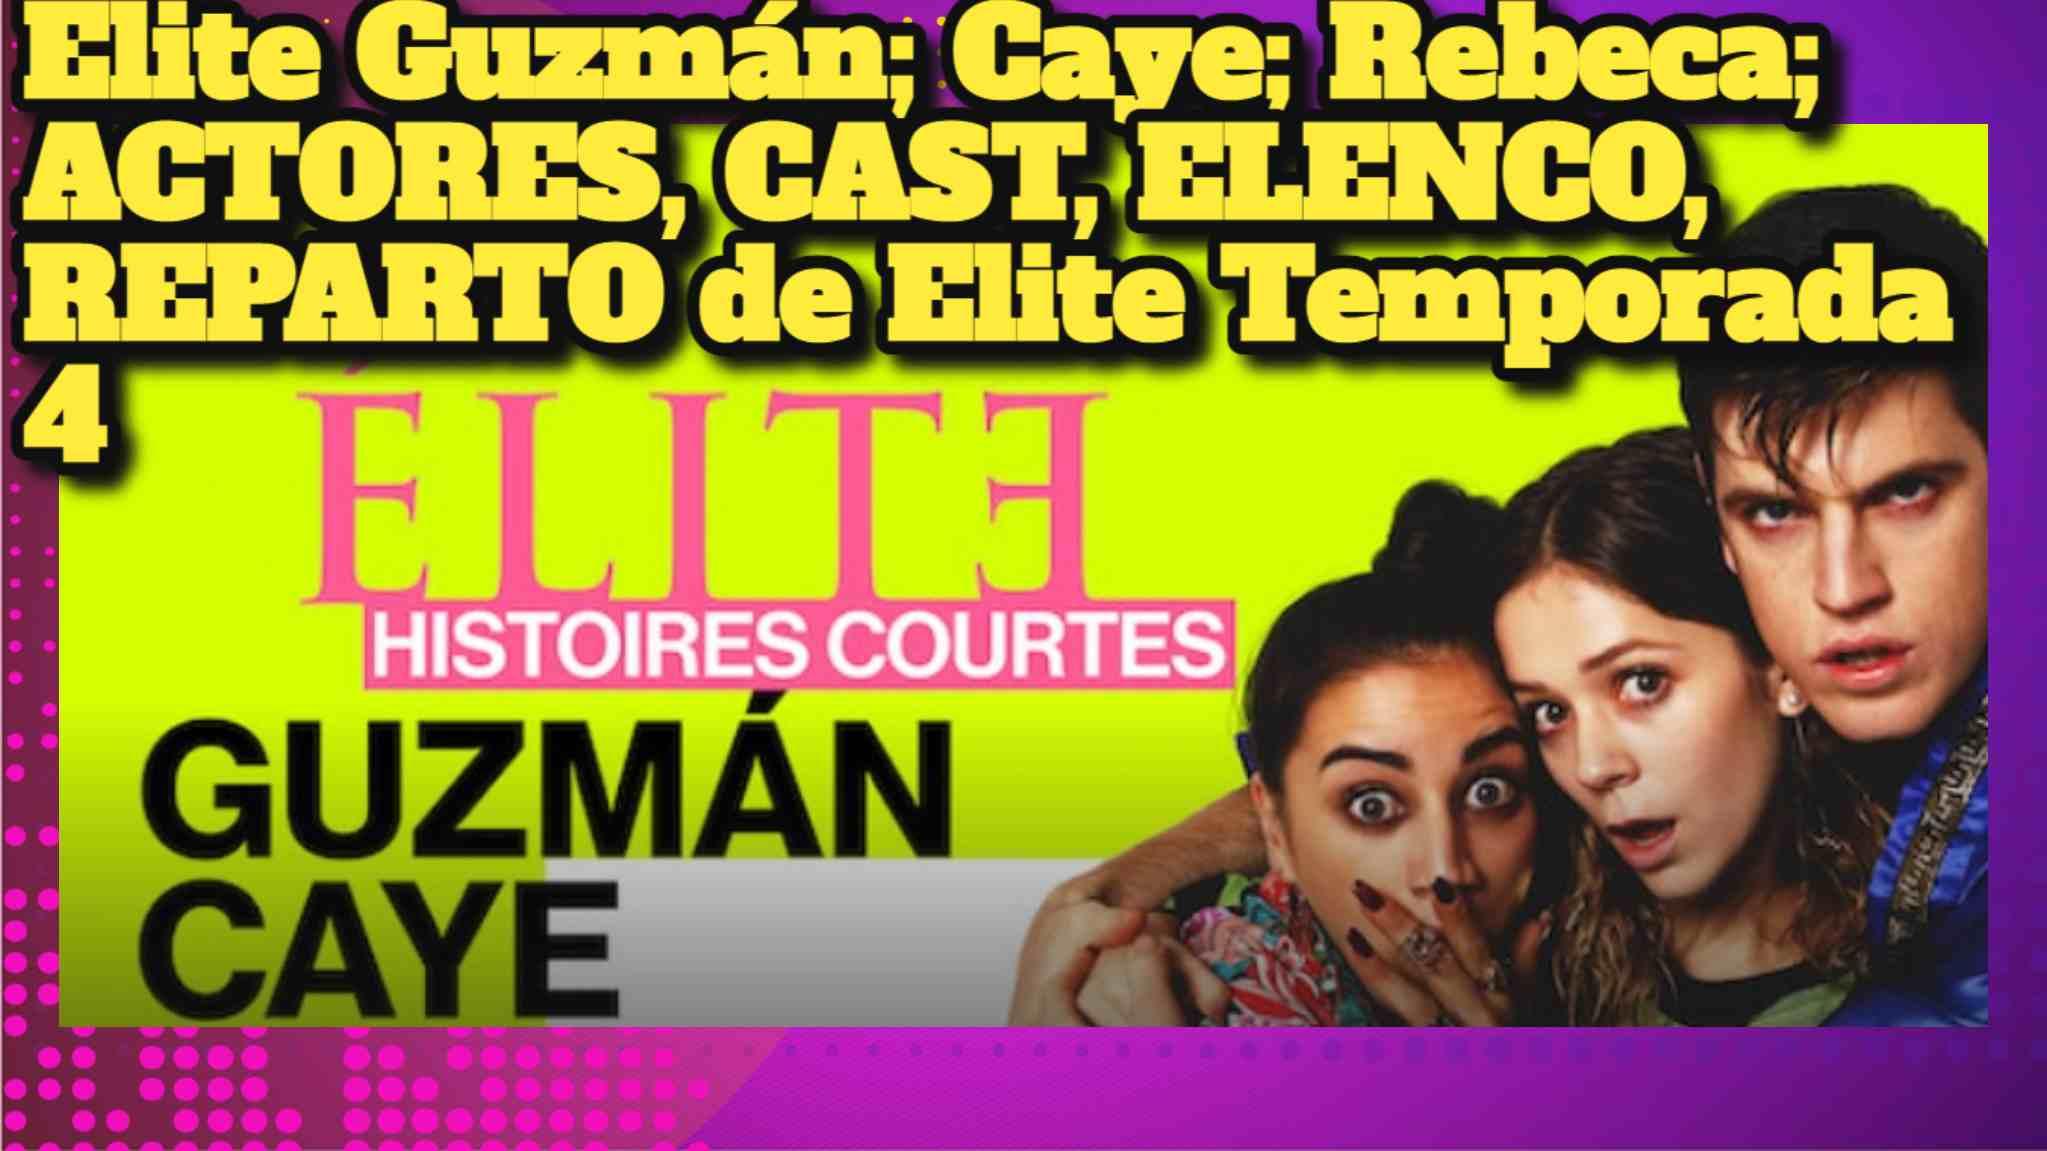 Elite Guzmán; Caye; Rebeca; ACTORES, CAST, ELENCO, REPARTO de Elite Temporada 4